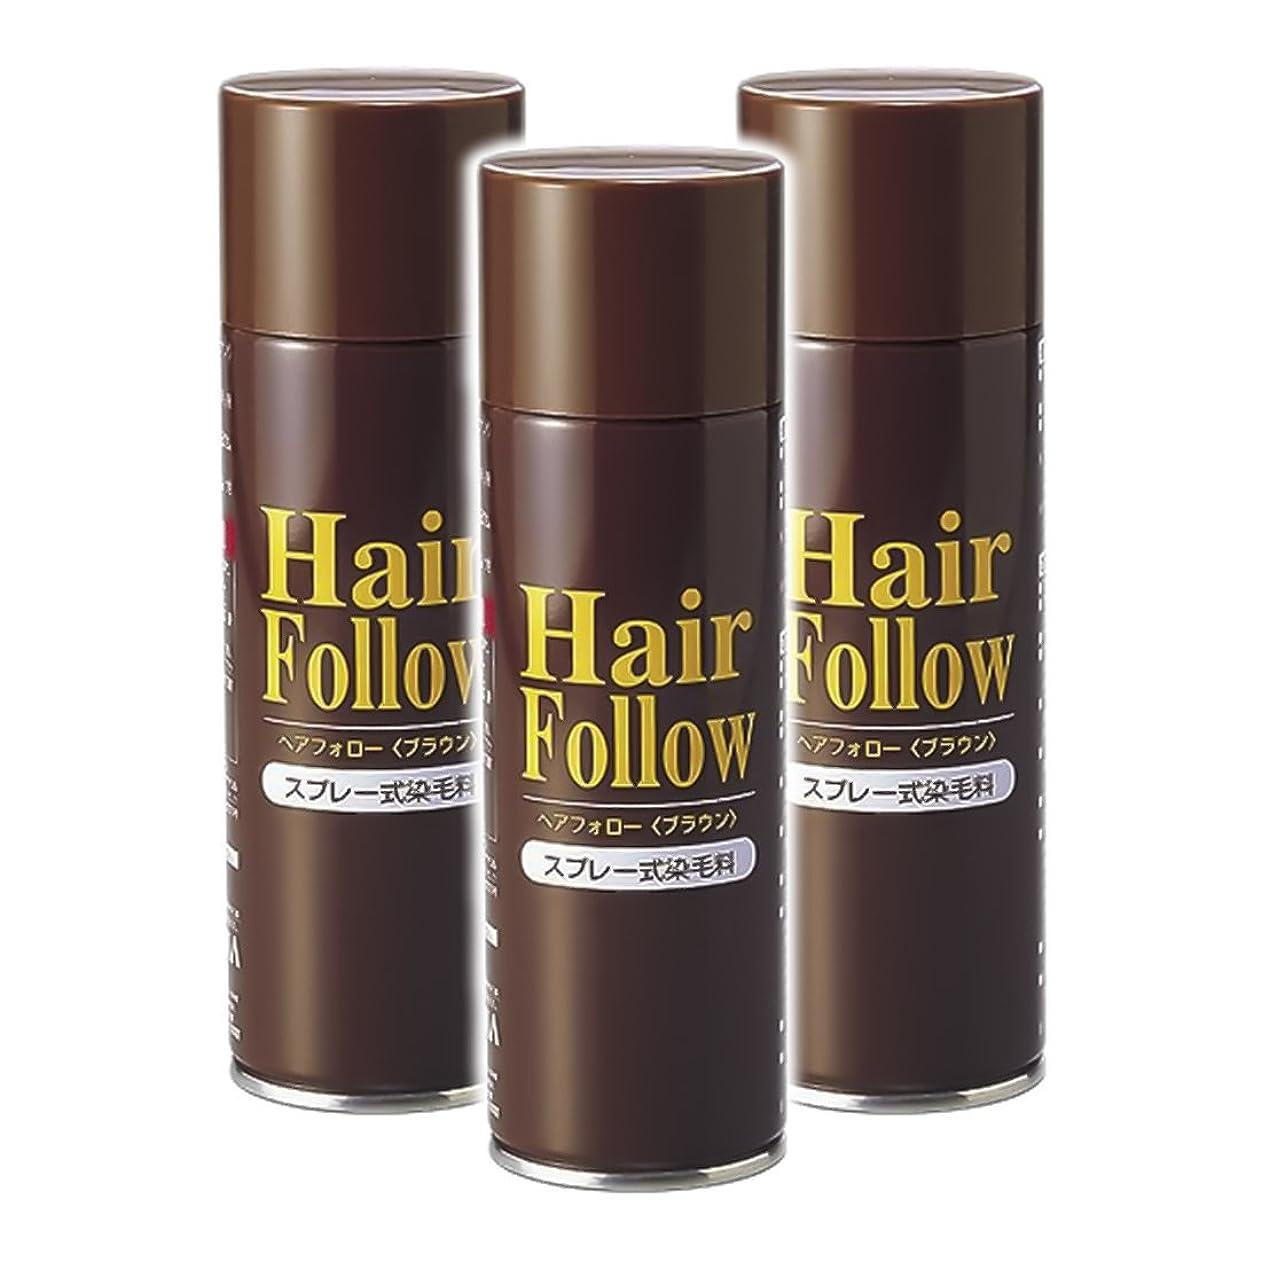 フルーツ野菜ブル羨望薄毛スプレー 3本セット ヘアフォロー HairFollow ブラウン 150g